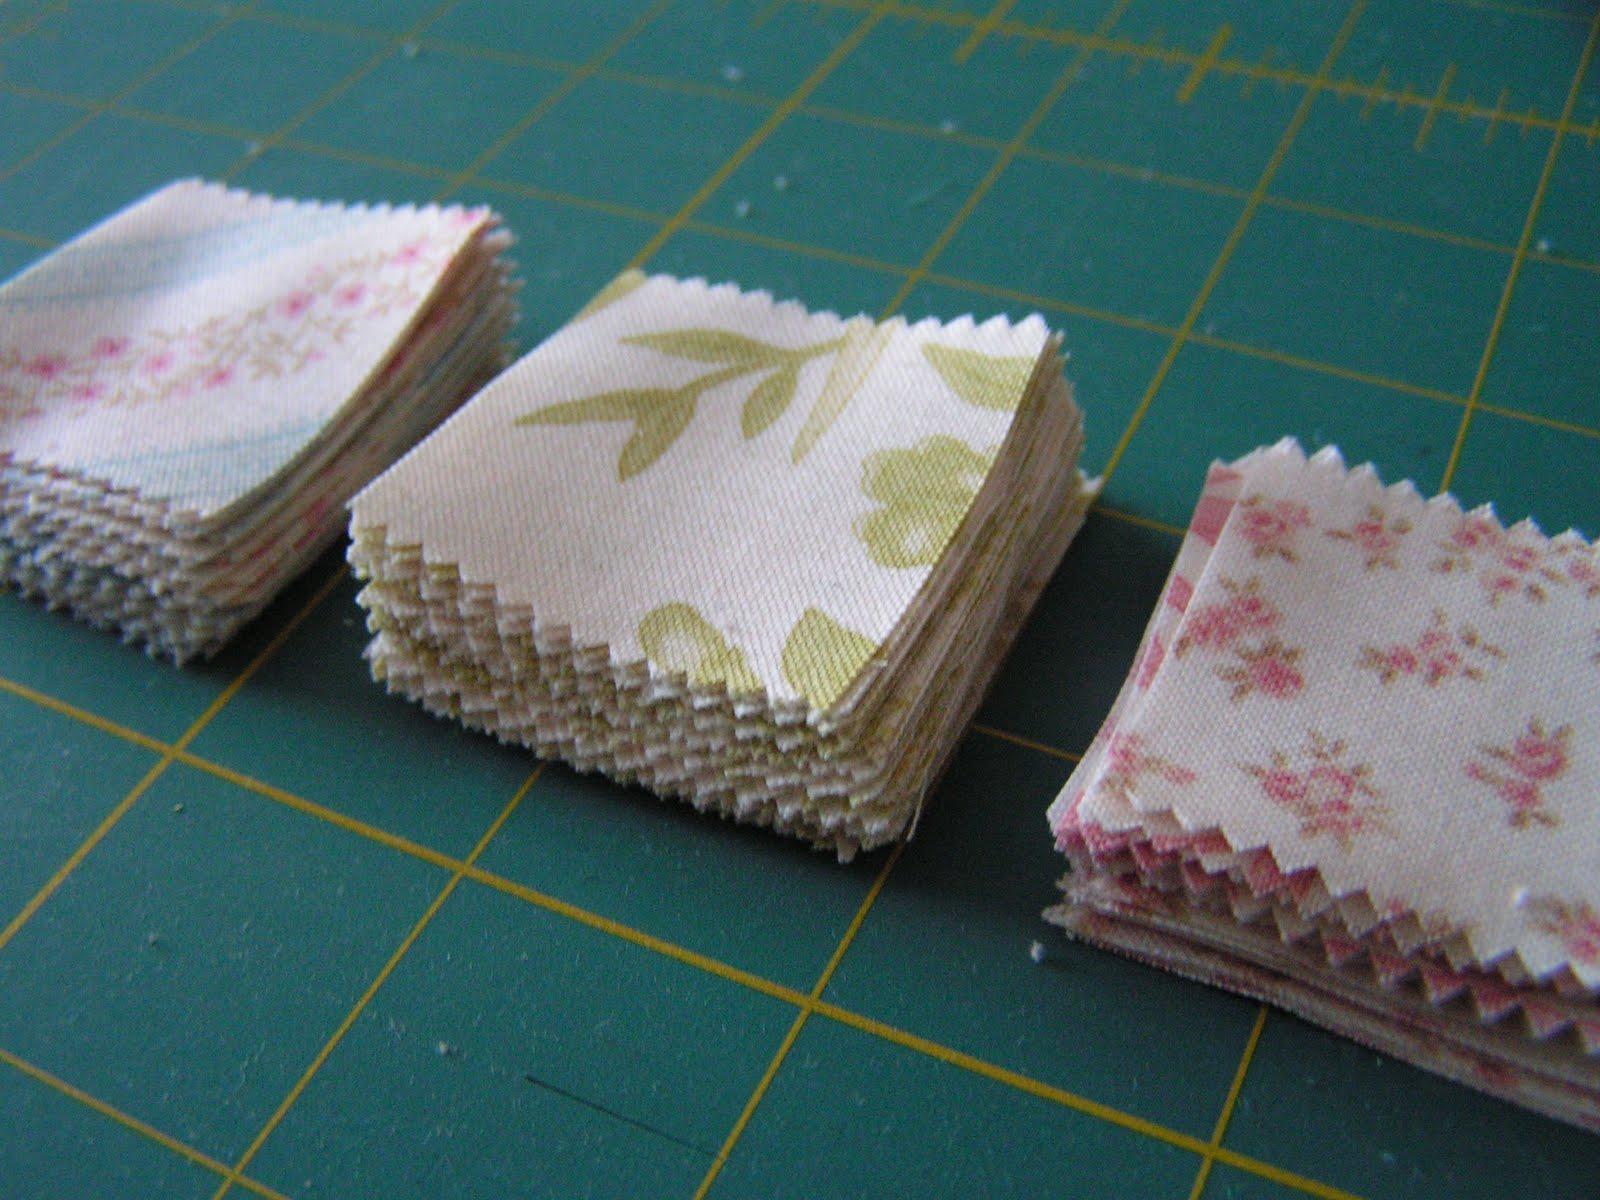 Пэчворк одеяло.  Еще одна интересная схема для тех, кто любит шить оригинальные уютные вещи для души.